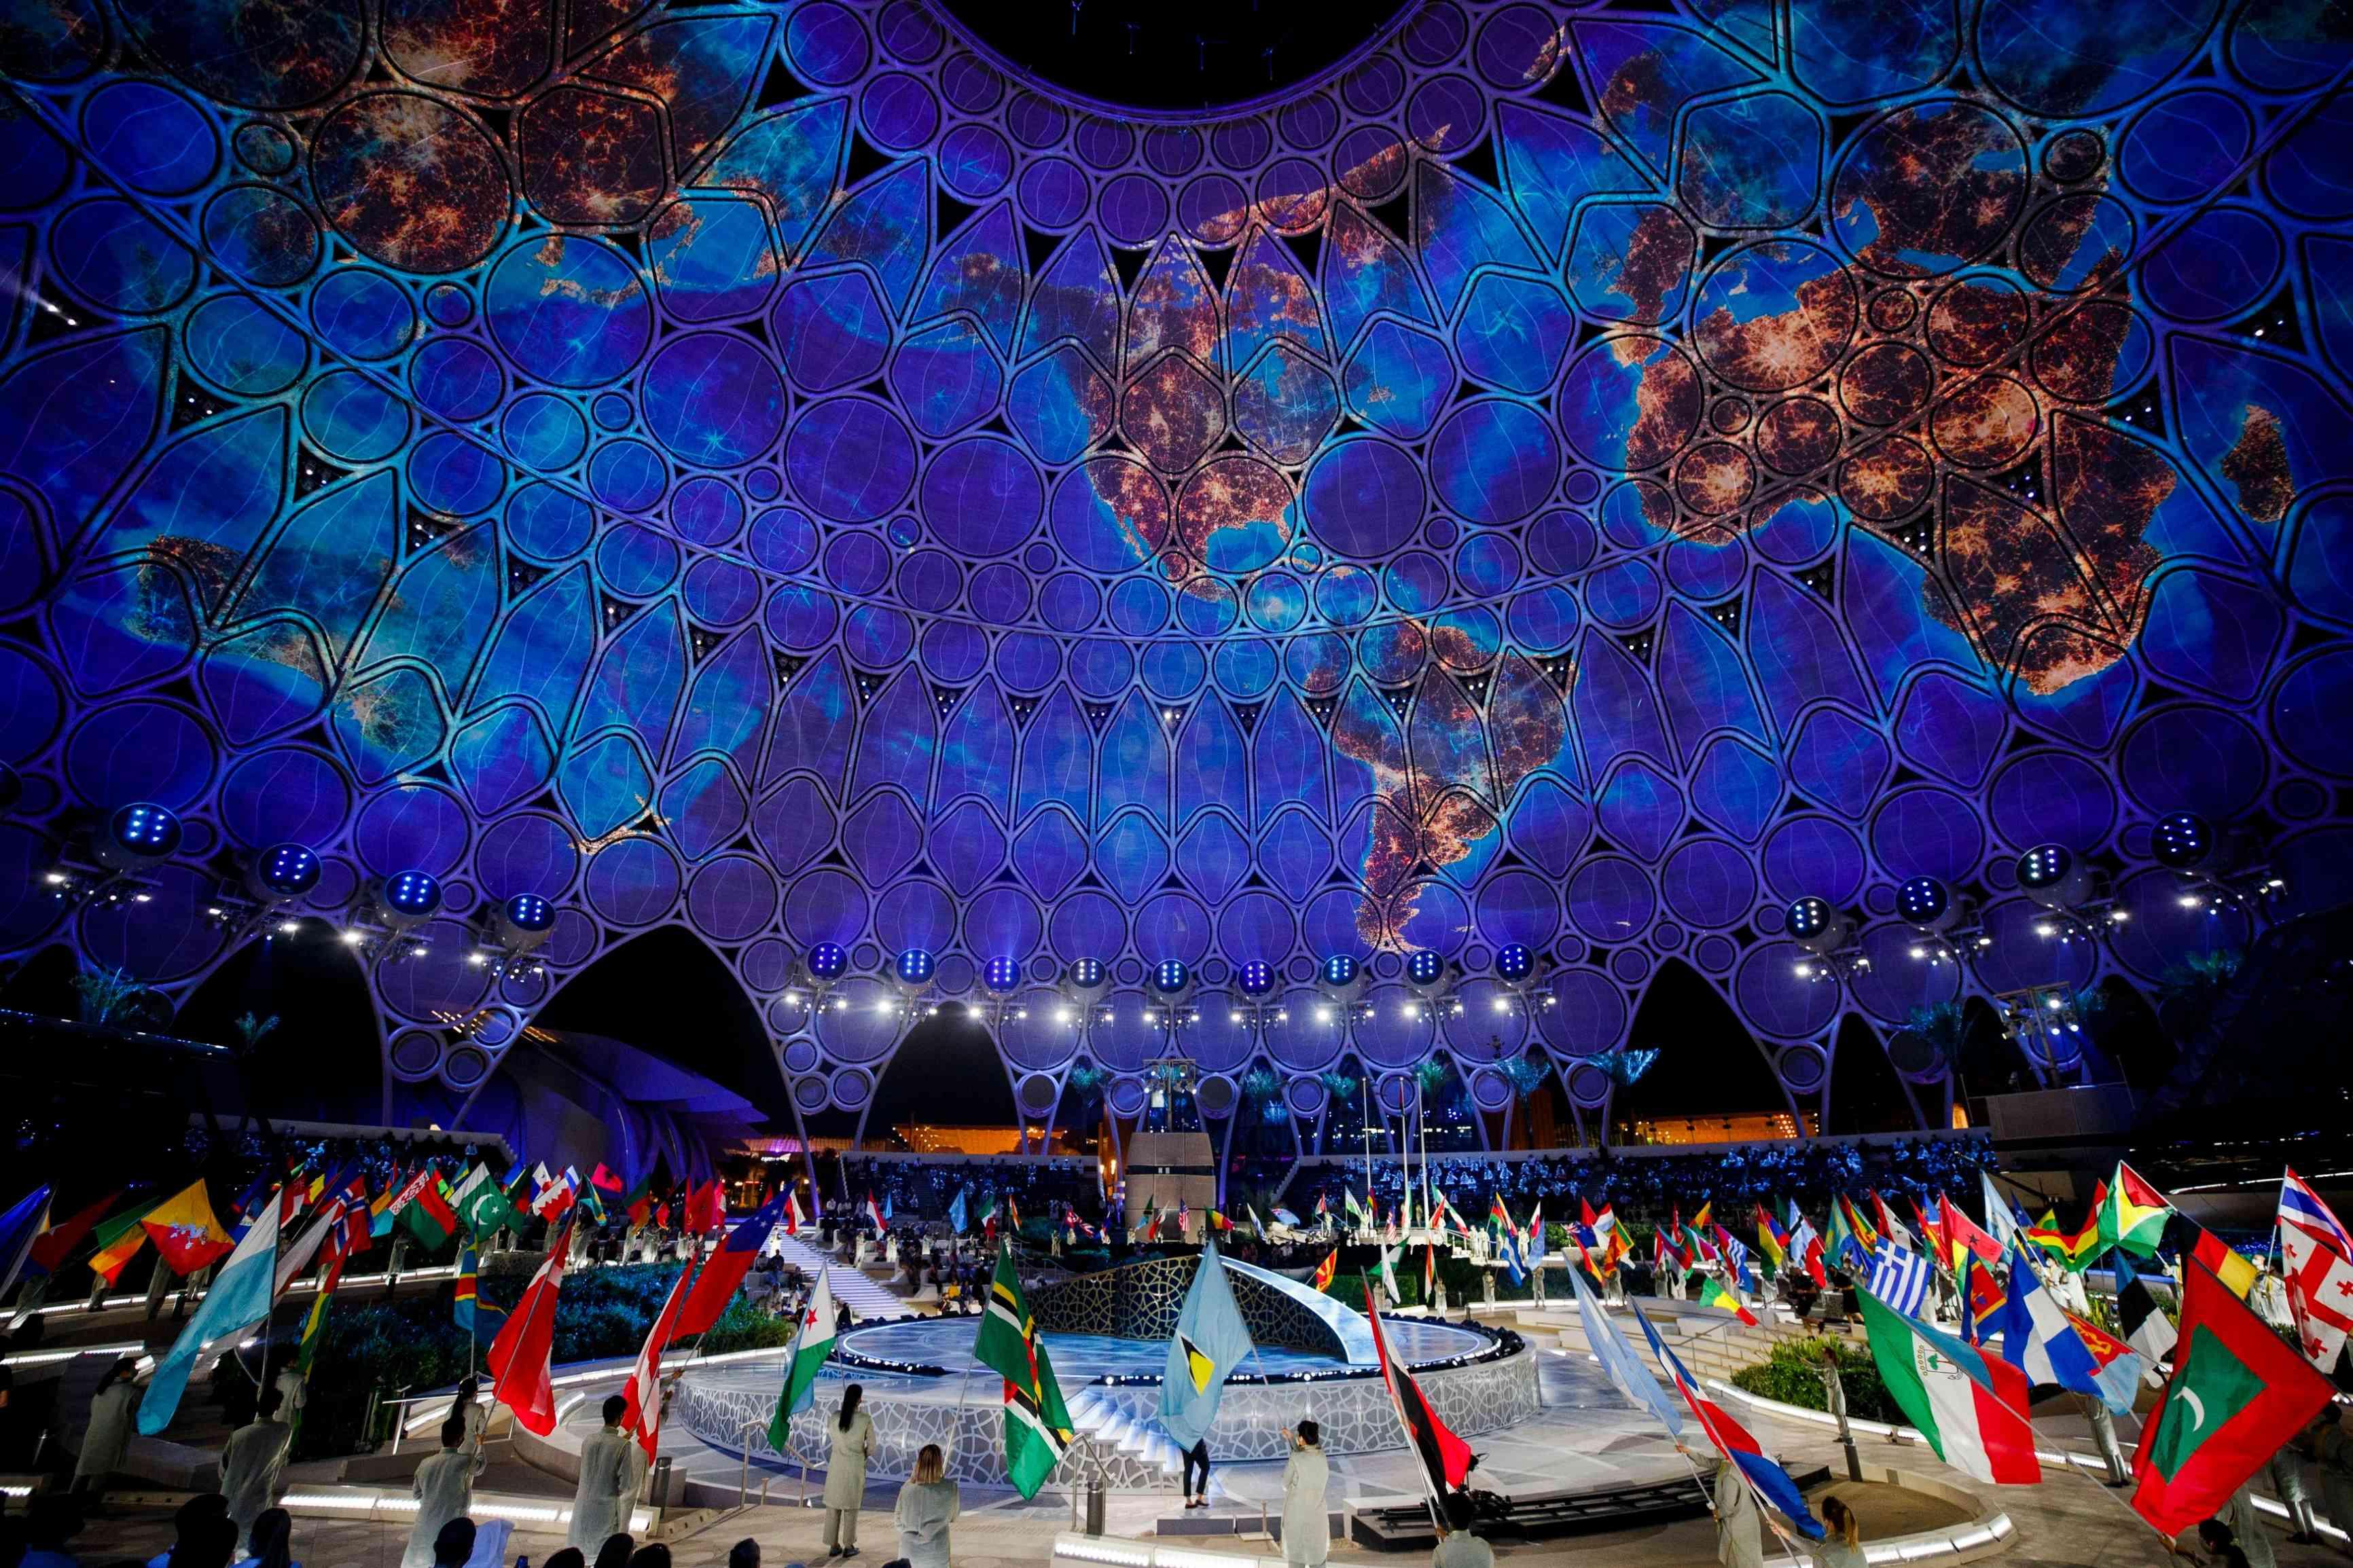 بث مباشر.. شاهد مراسم انطلاق معرض إكسبو دبي 2020 بالإمارات